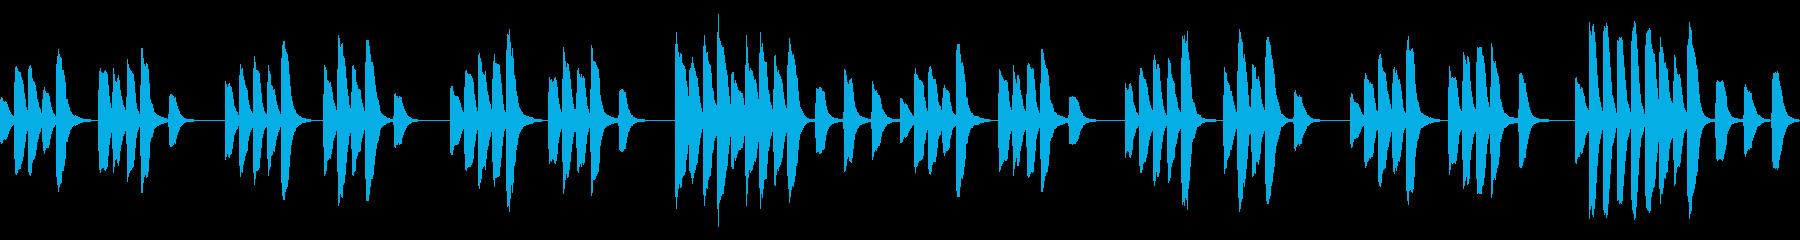 √パズルゲーム等に適したシンプルなBGMの再生済みの波形